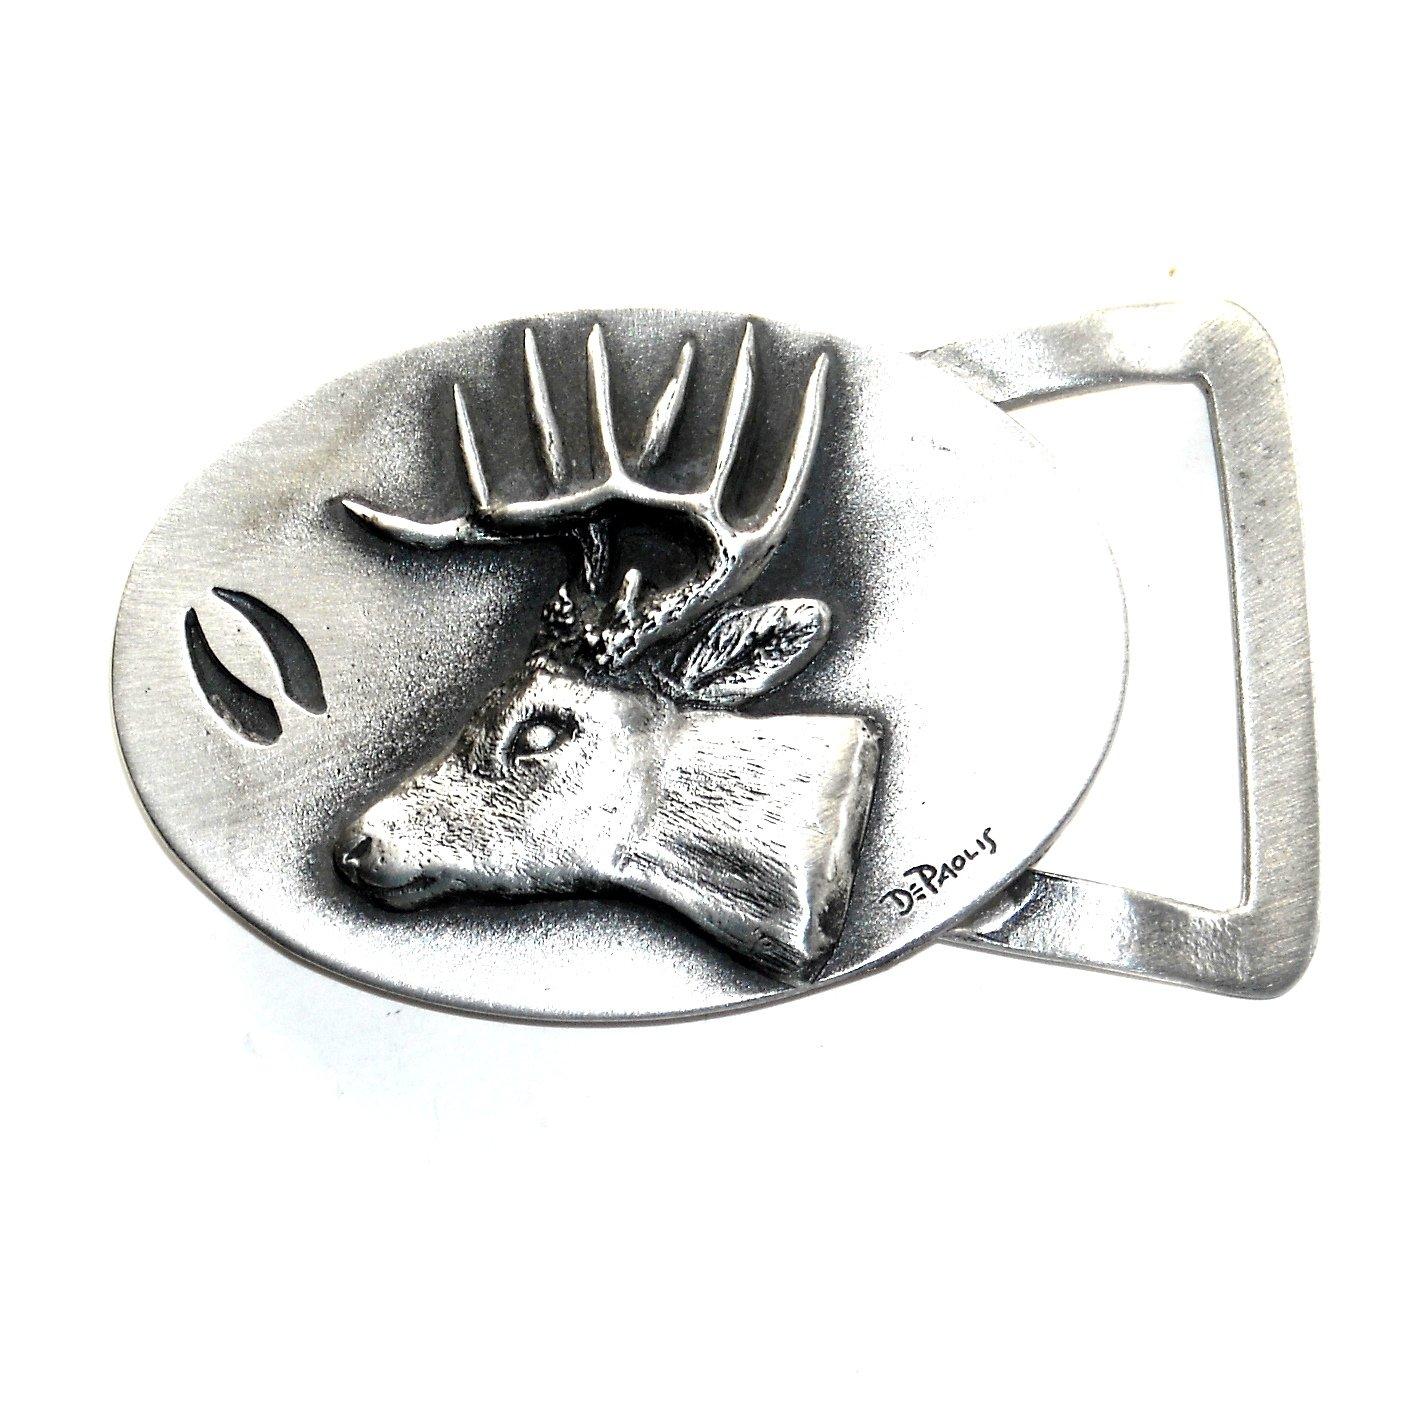 Elk 3D Old Forge Metals Handcrafted Solid Pewter Belt Buckle